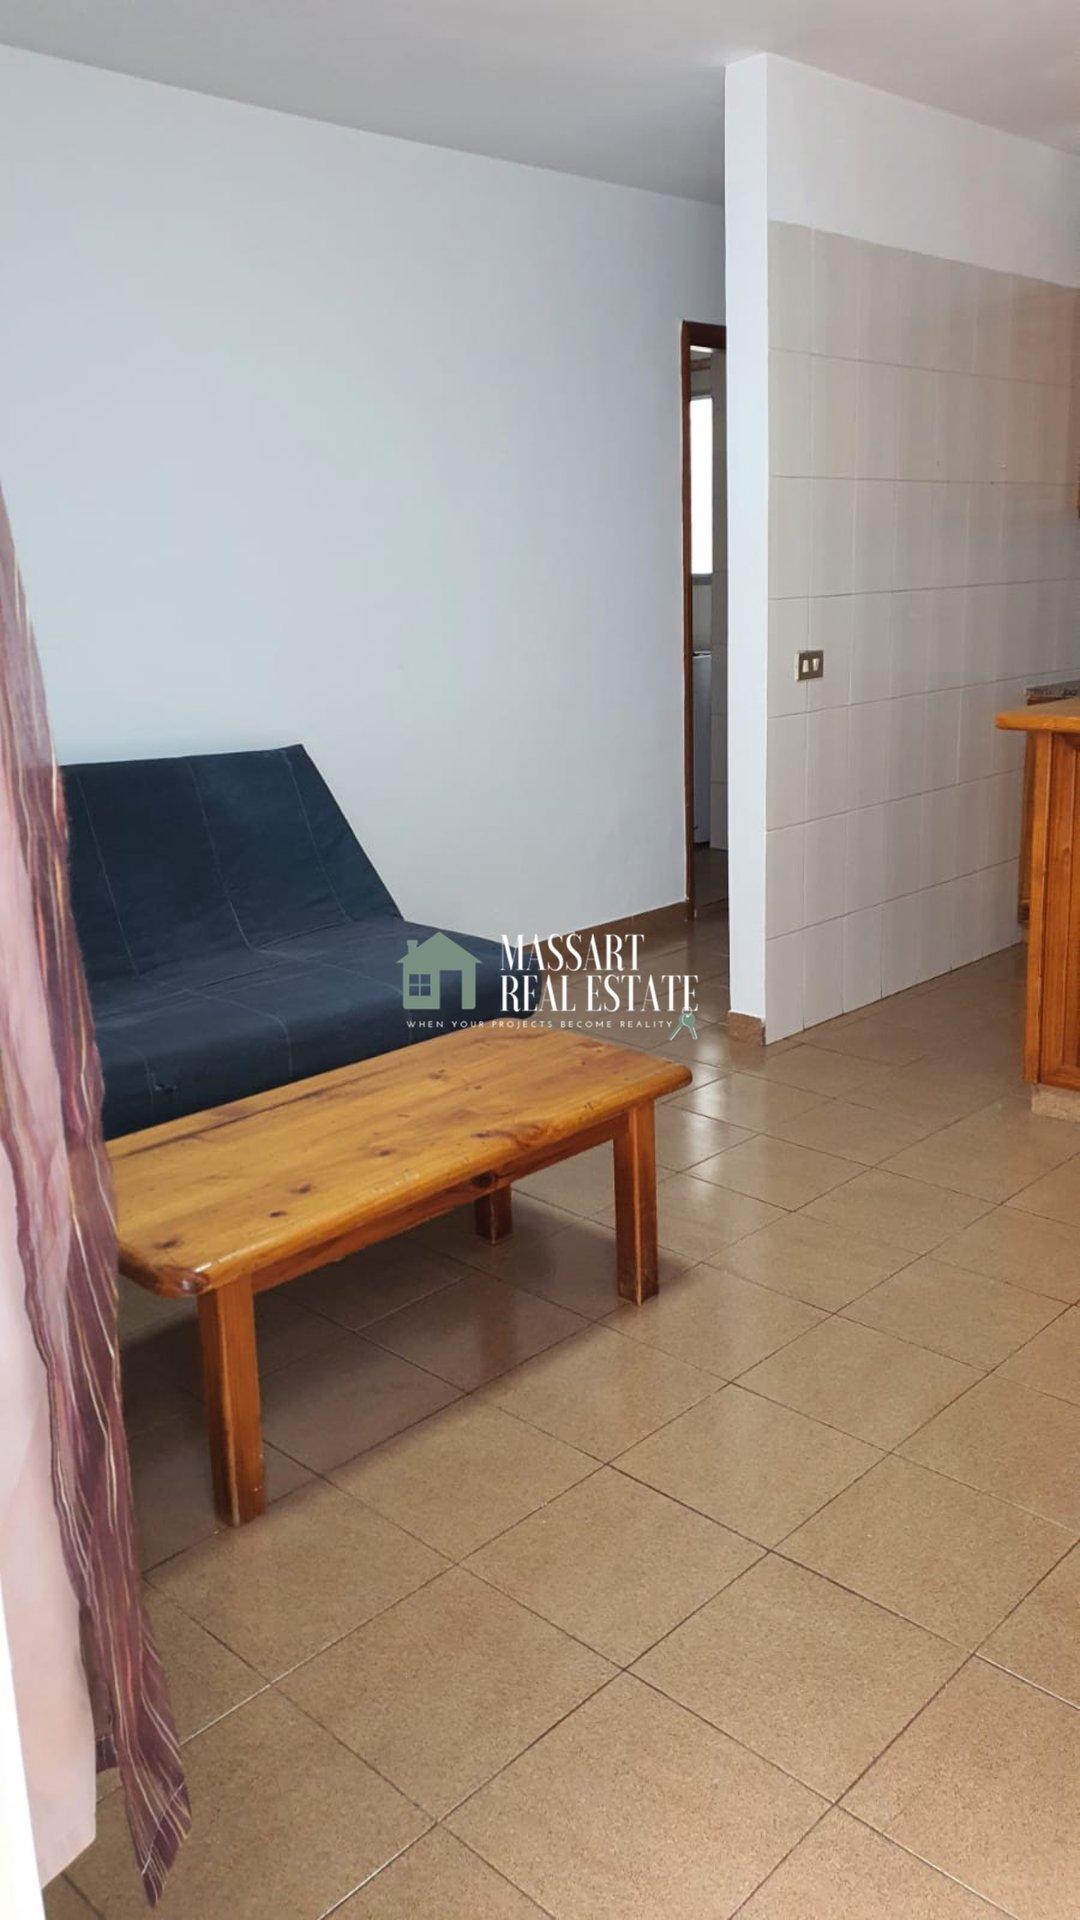 In affitto nella famosa zona di Los Cristianos, appartamento completamente arredato ... disponibile ora!